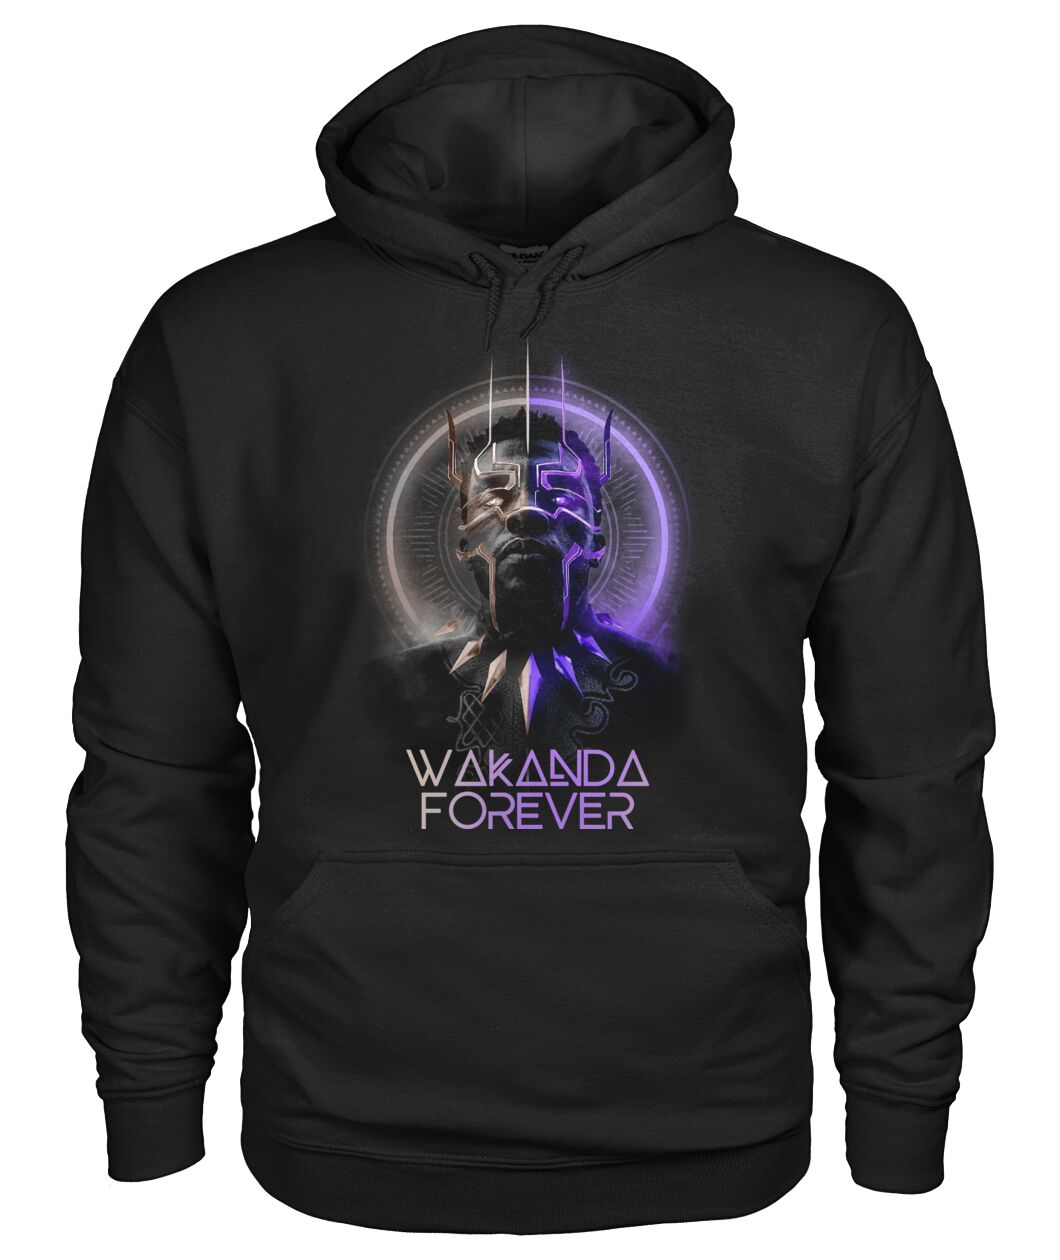 Black Panther Chadwick Boseman Wakanda Forever Hoodie